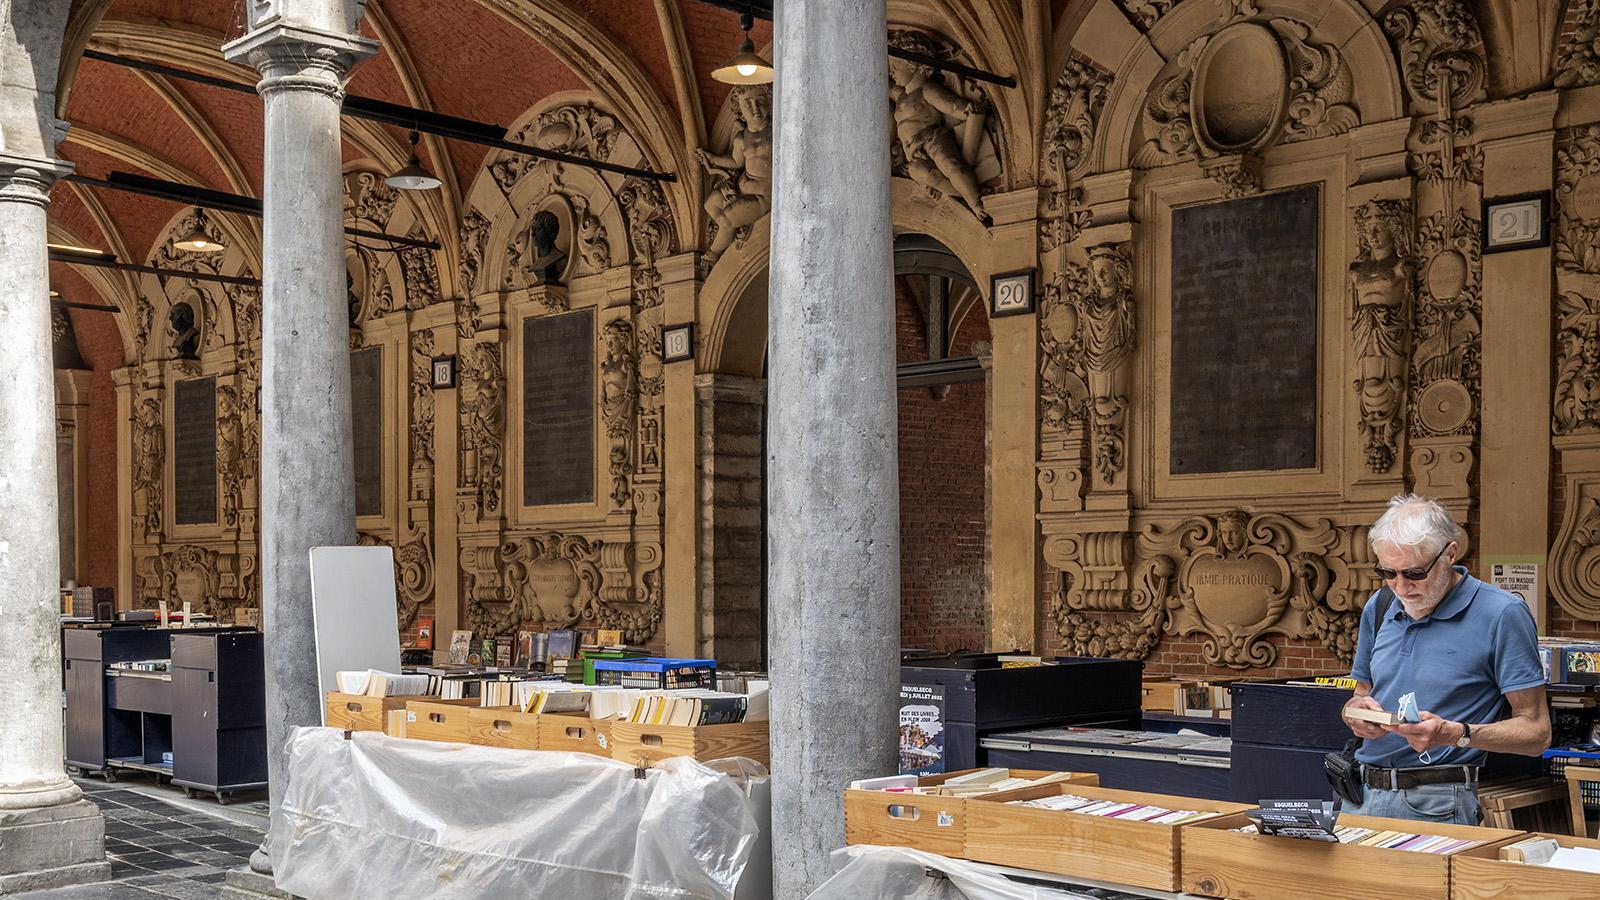 Lille: In der alten Börse verkaufen Händler Bibliophiles. Foto: Hilke Maunder